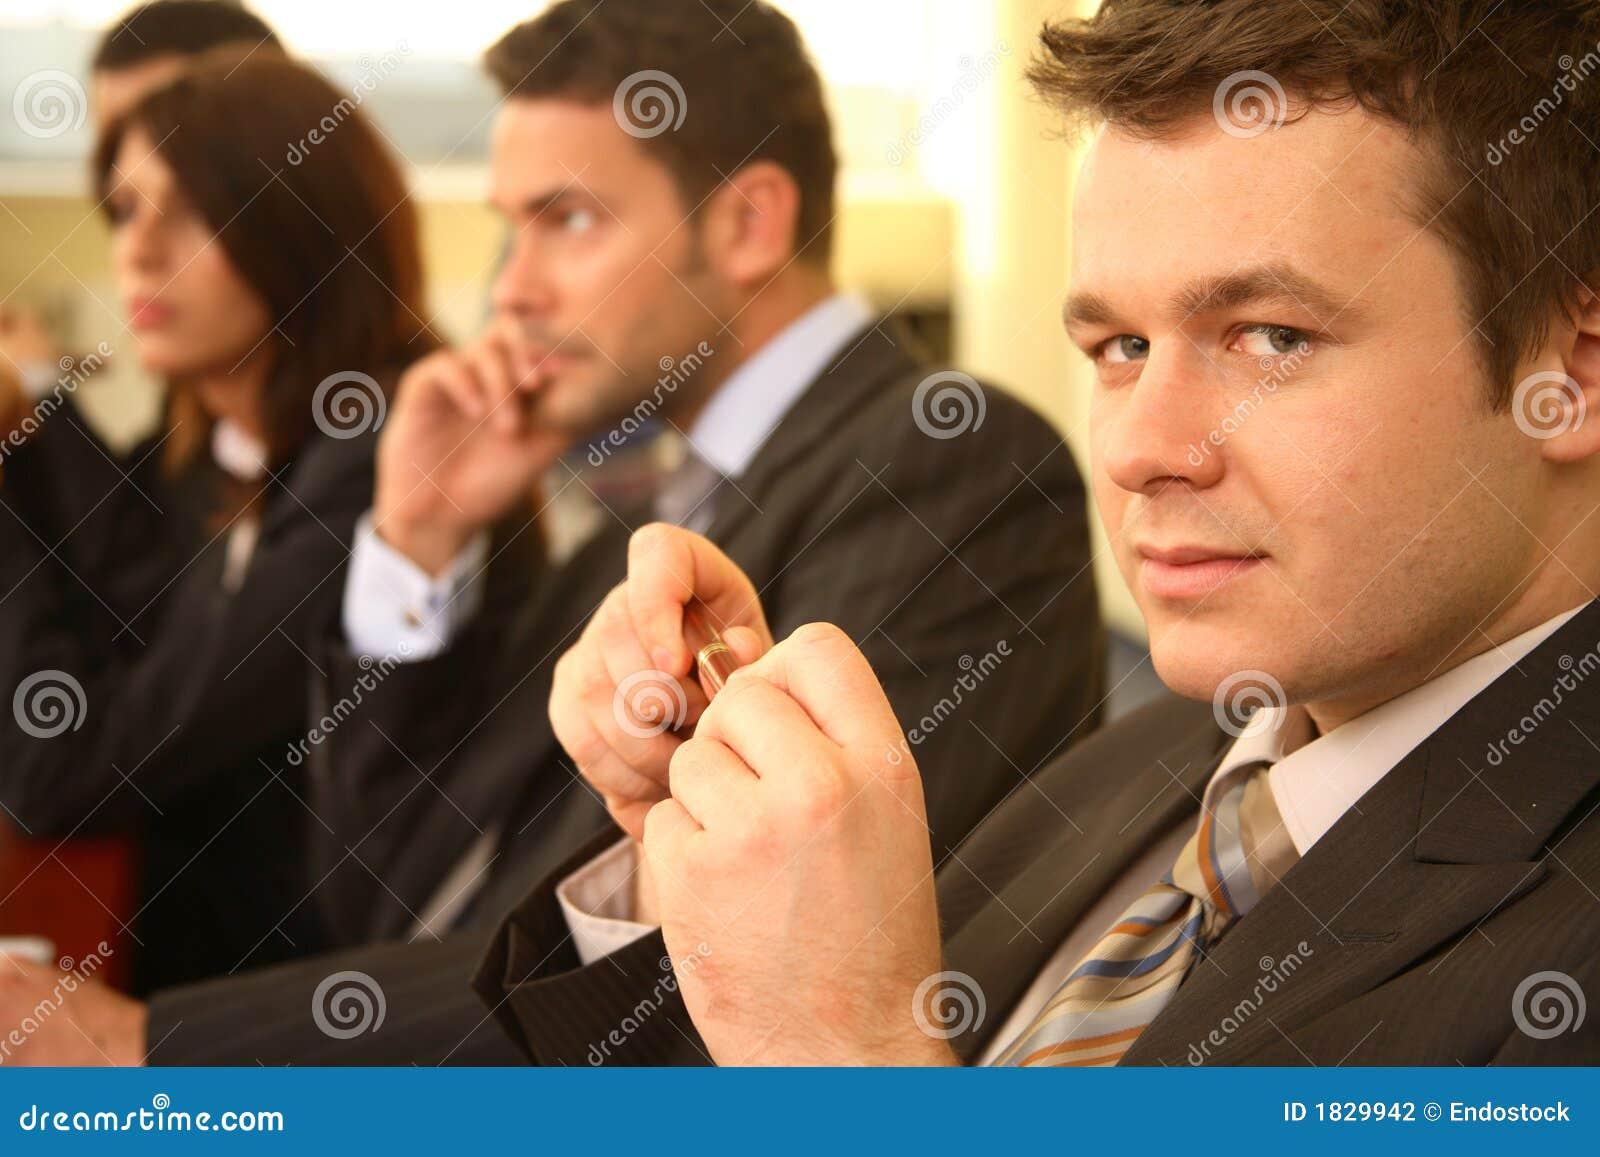 Grupo de pessoas do negócio em uma conferência, homem no foco